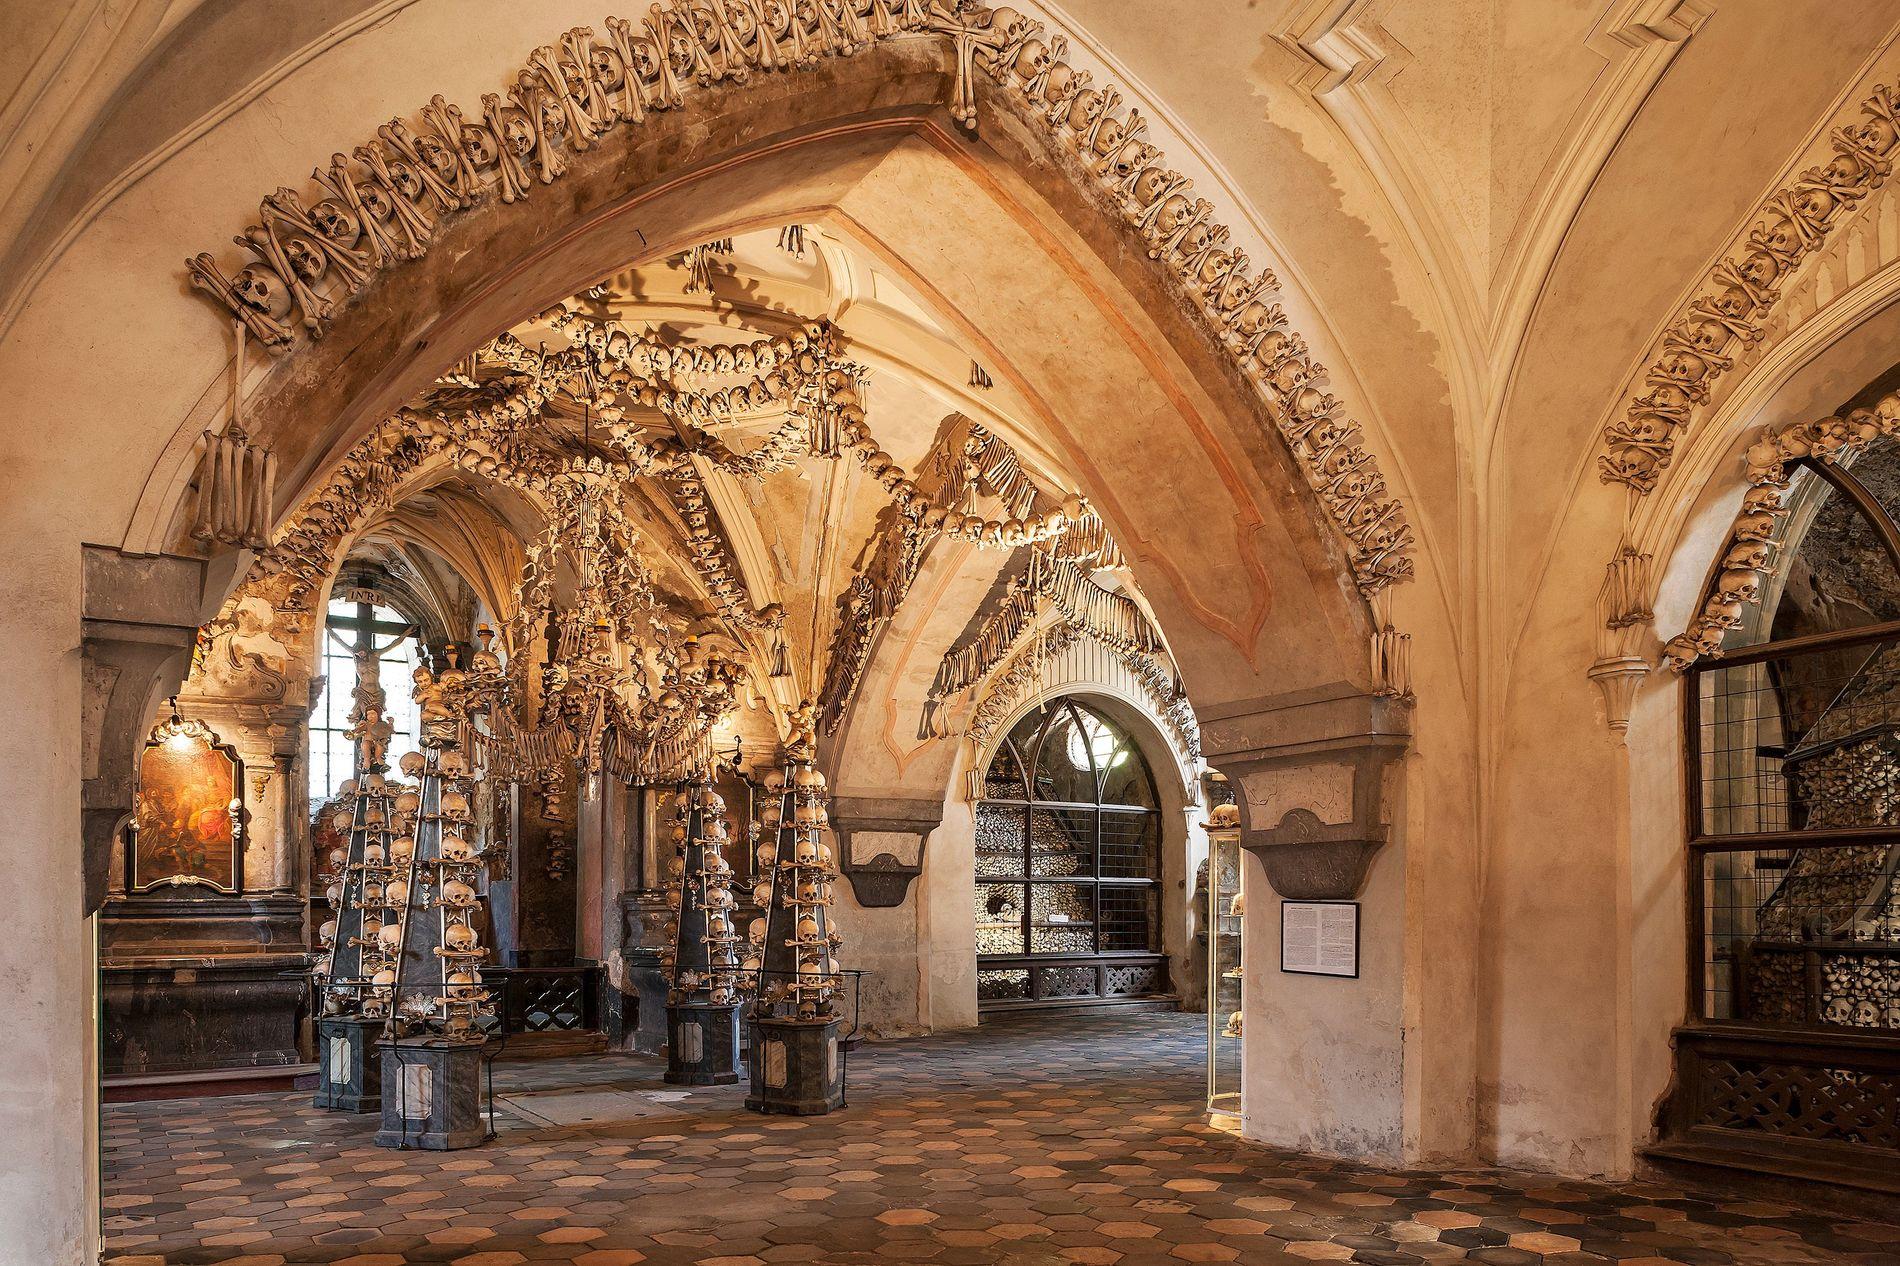 Das tragisch-schöne Sedletz-Ossarium ist über und über mit menschlichen Knochen geschmückt, die gebleicht und zerlegt wurden.